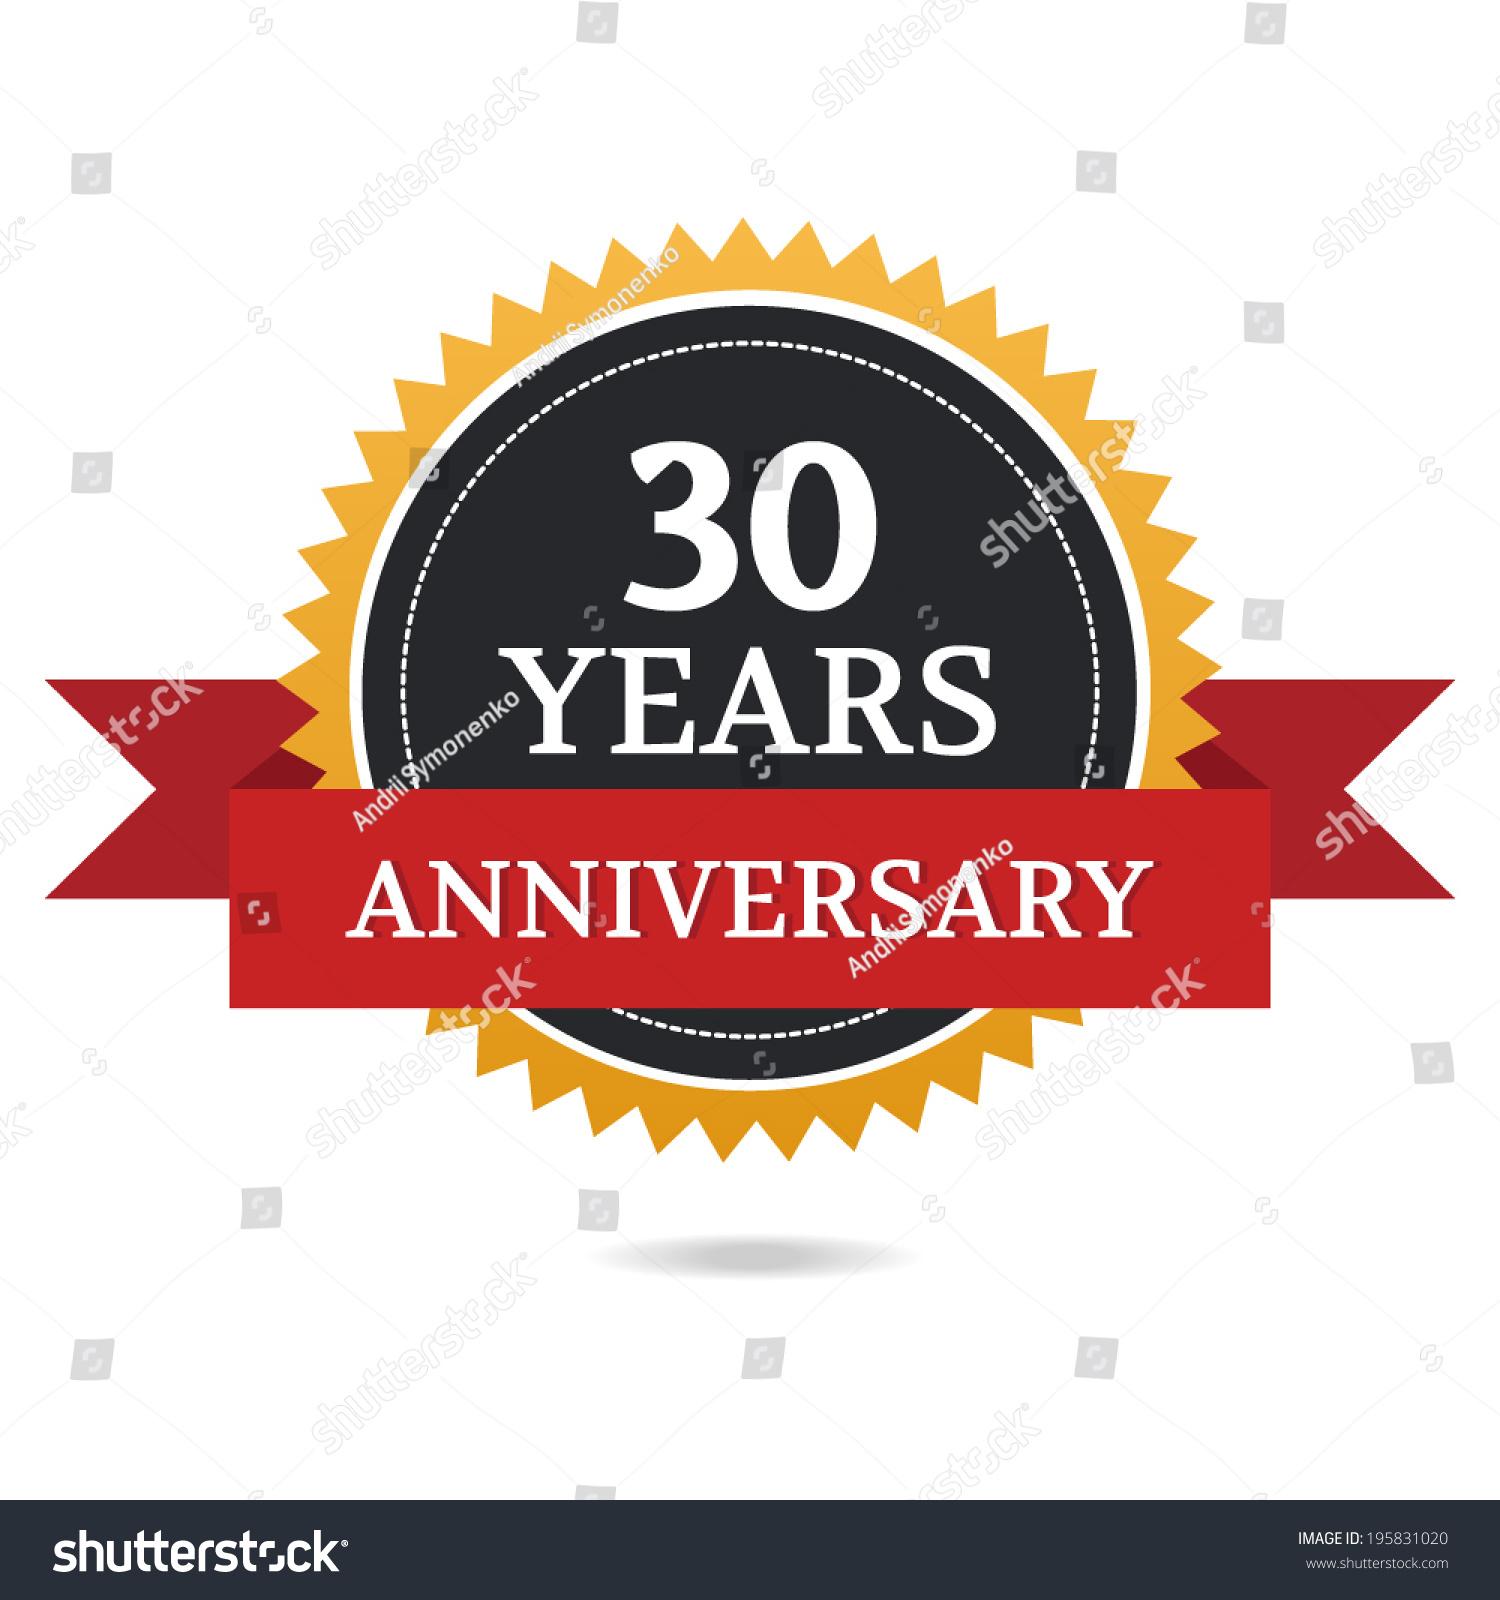 30 Year Anniversary Symbol: Anniversary 30th Stock Vector 195831020